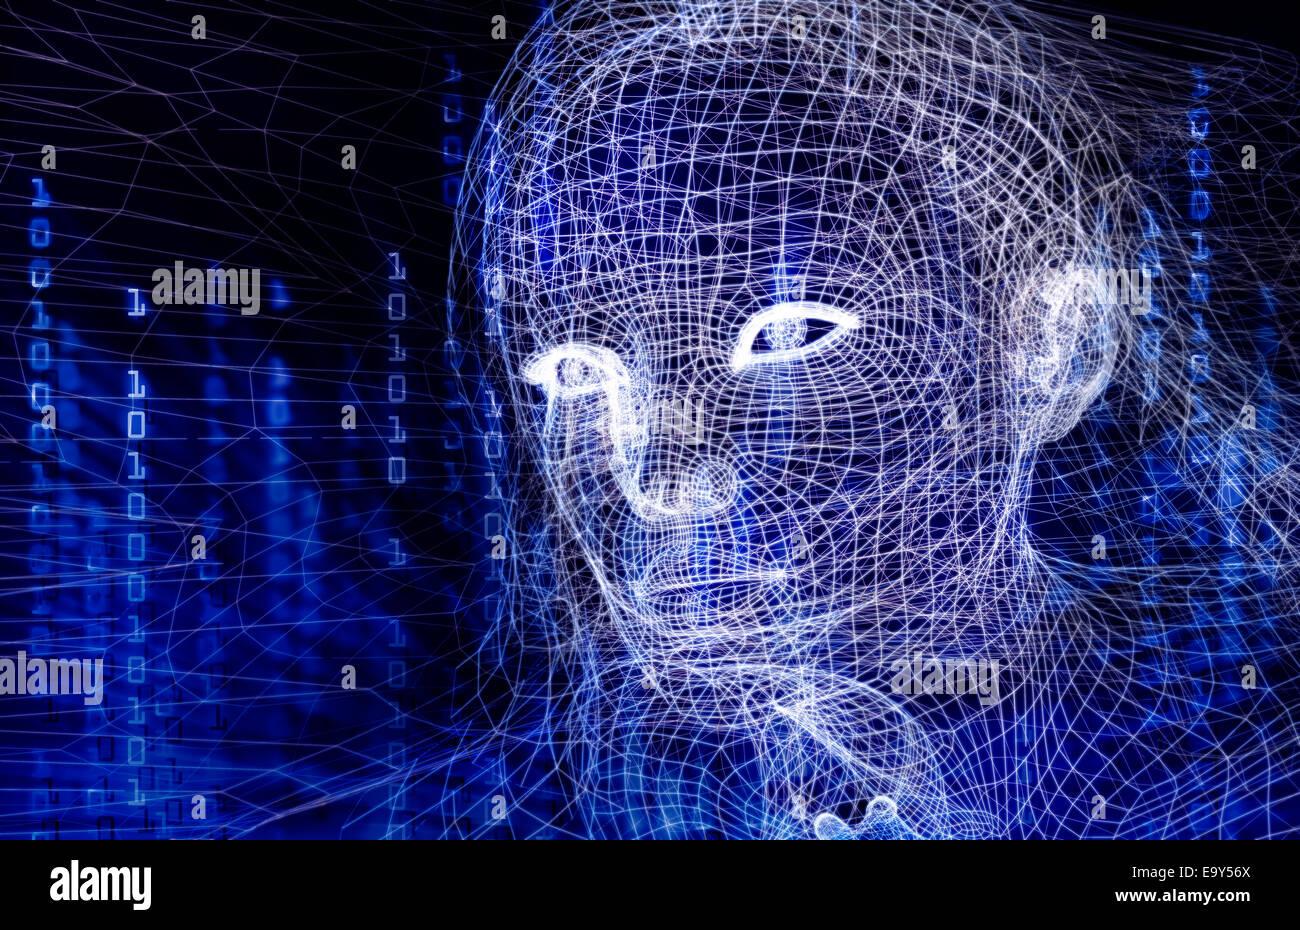 Frau digital Wireframe Gesicht konzeptionelle 3D Darstellung mit Binär-Code auf dunkelblauem Hintergrund Stockbild